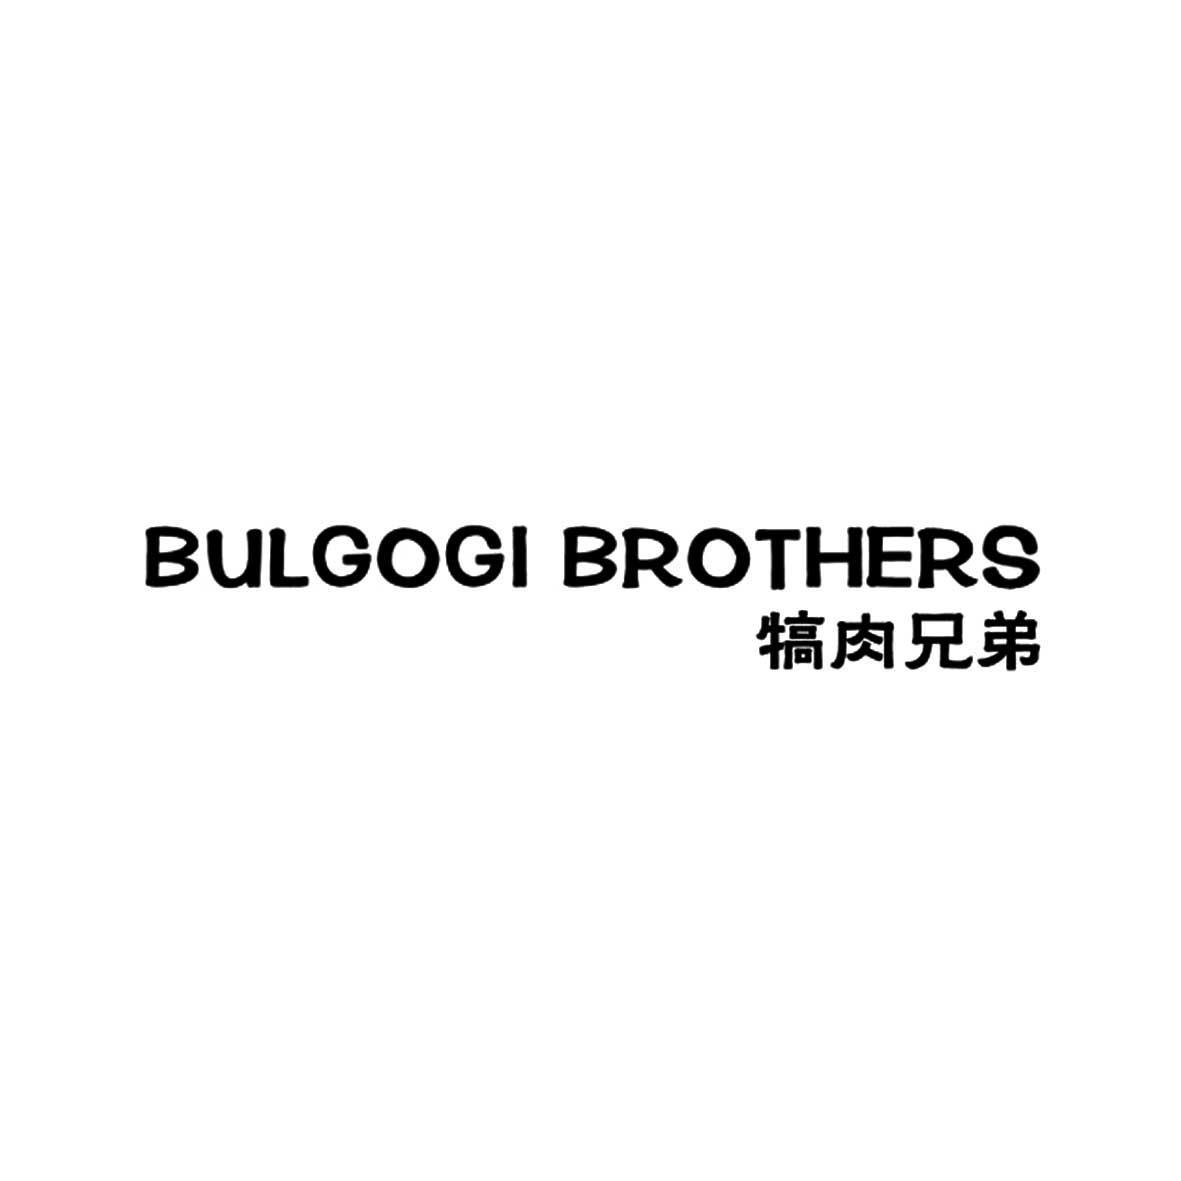 转让商标-犒肉兄弟 BULGOGI BROTHERS